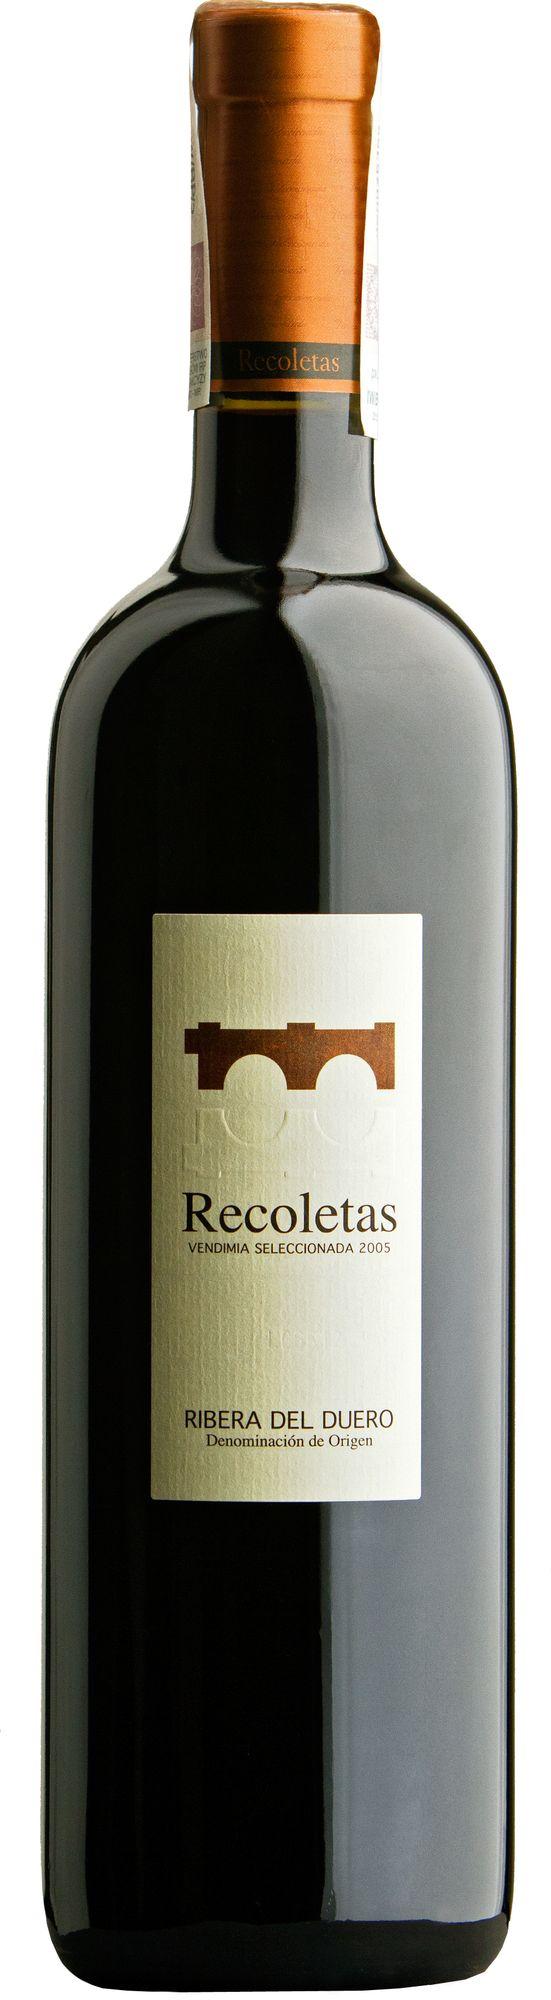 Wino Recoletas Vendimia Seleccionada Ribera del Duero DO